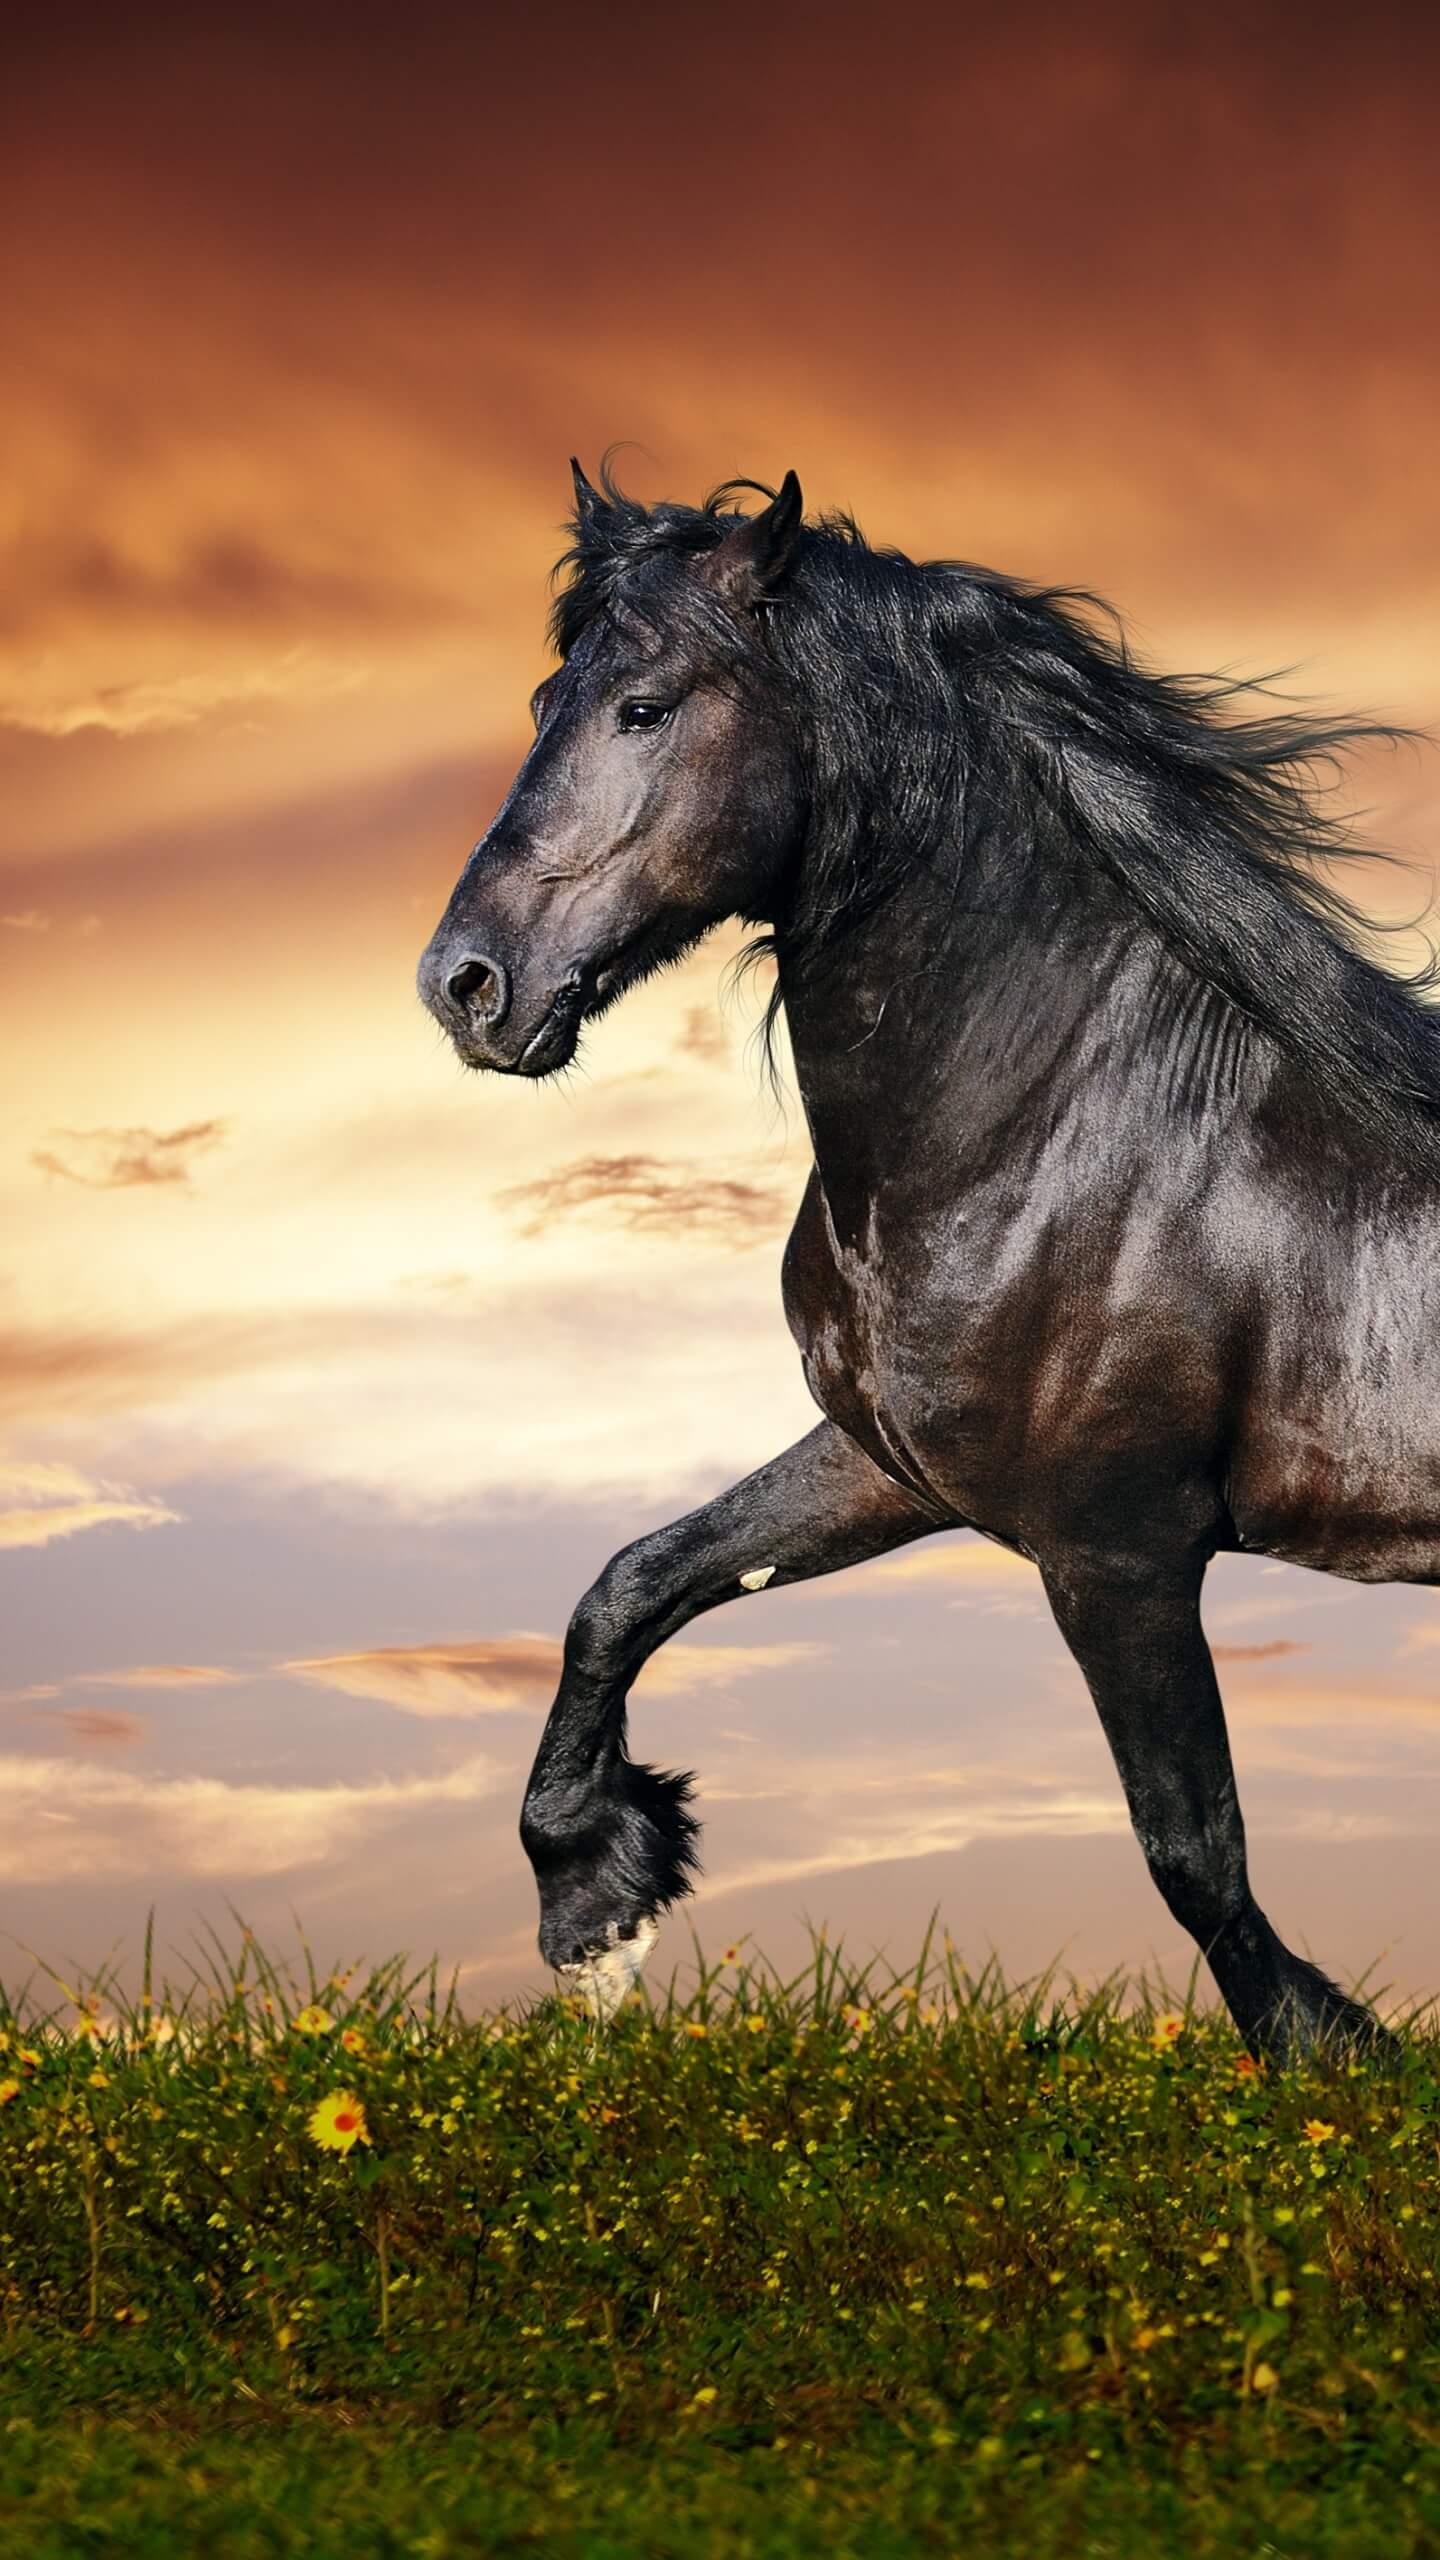 Wallpplus | Fondos de pantalla - Animales en HD